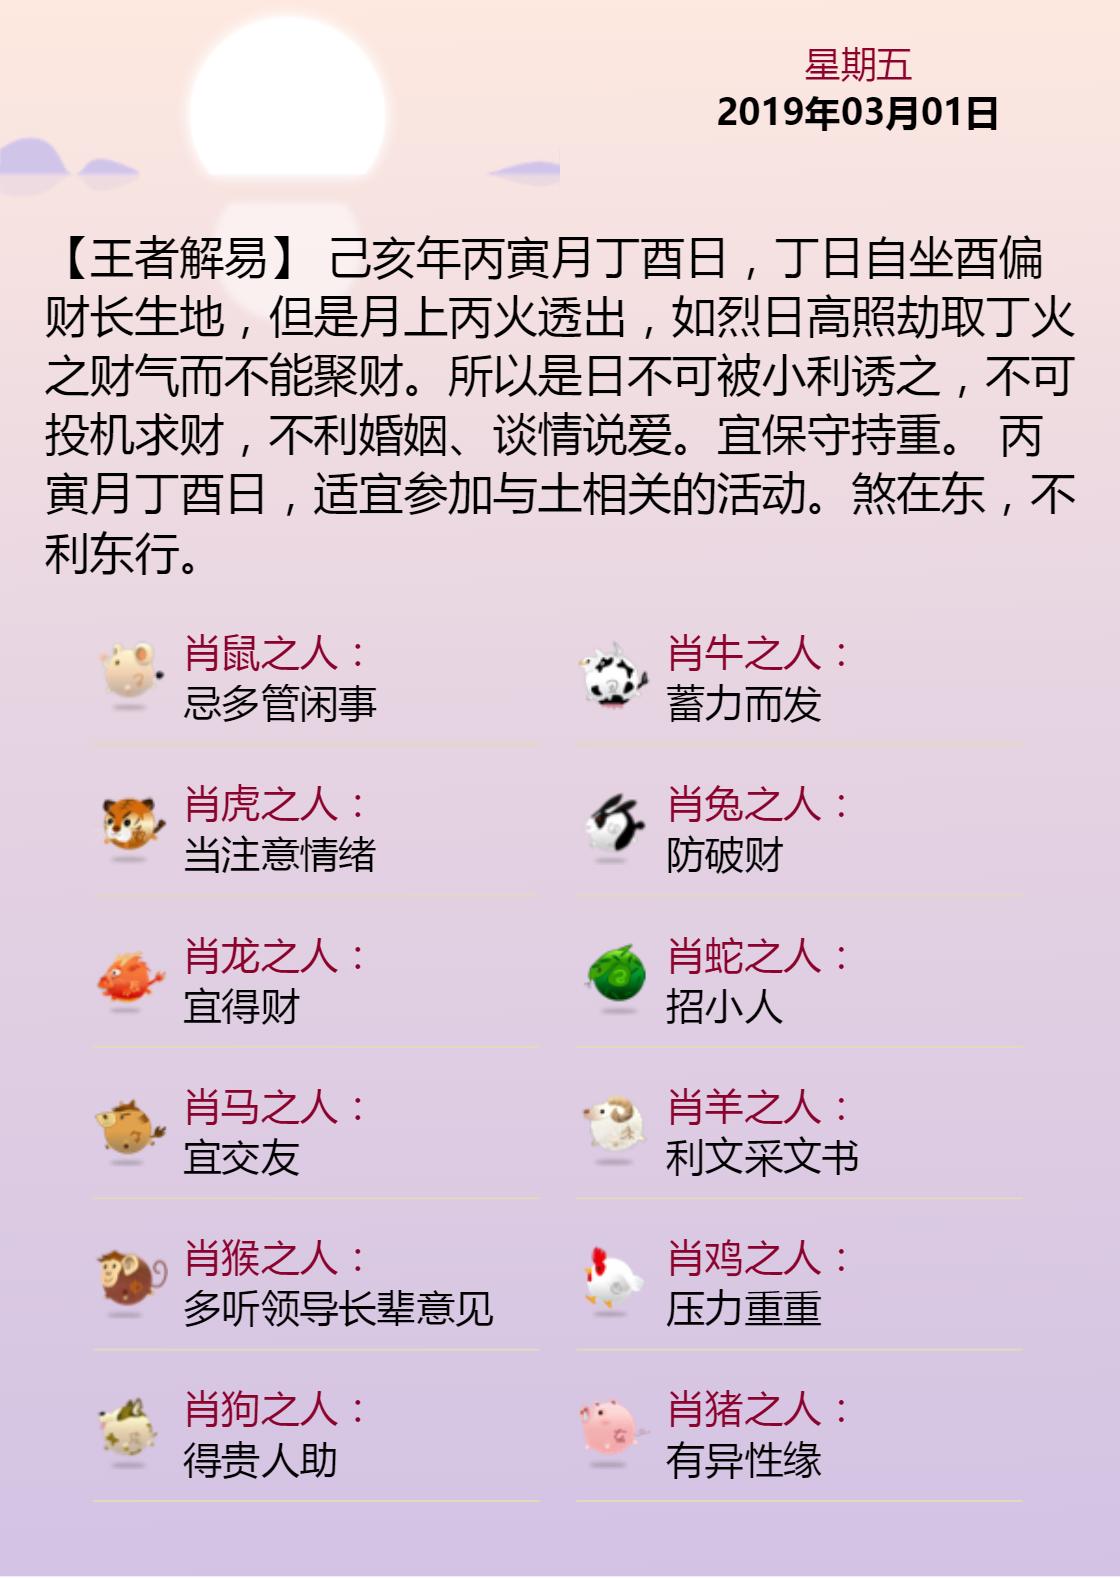 黄历海报20190301.png